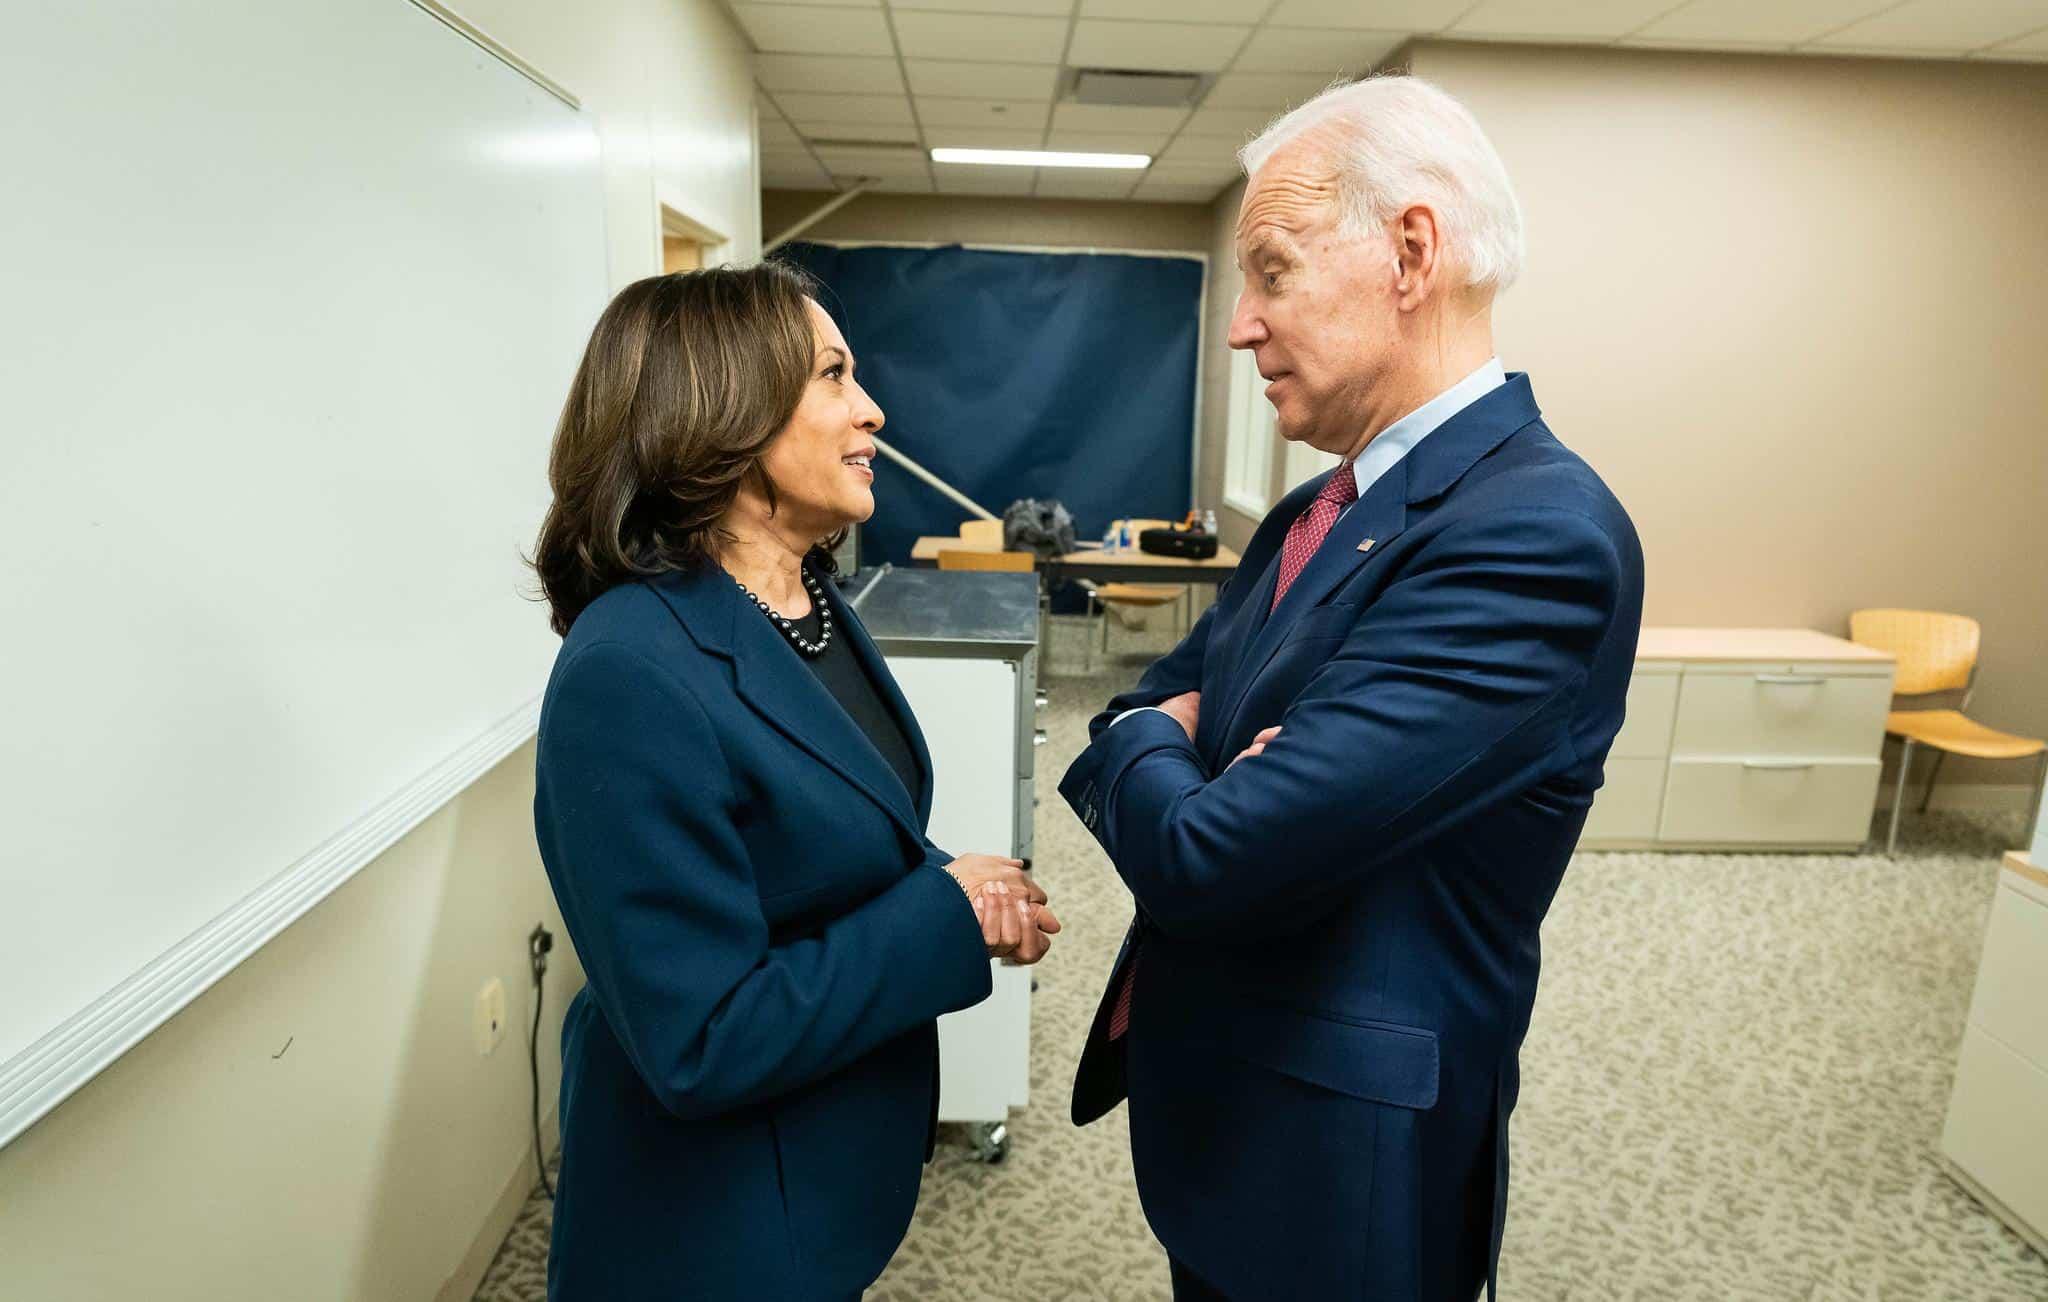 Adam Schultz / Biden for President